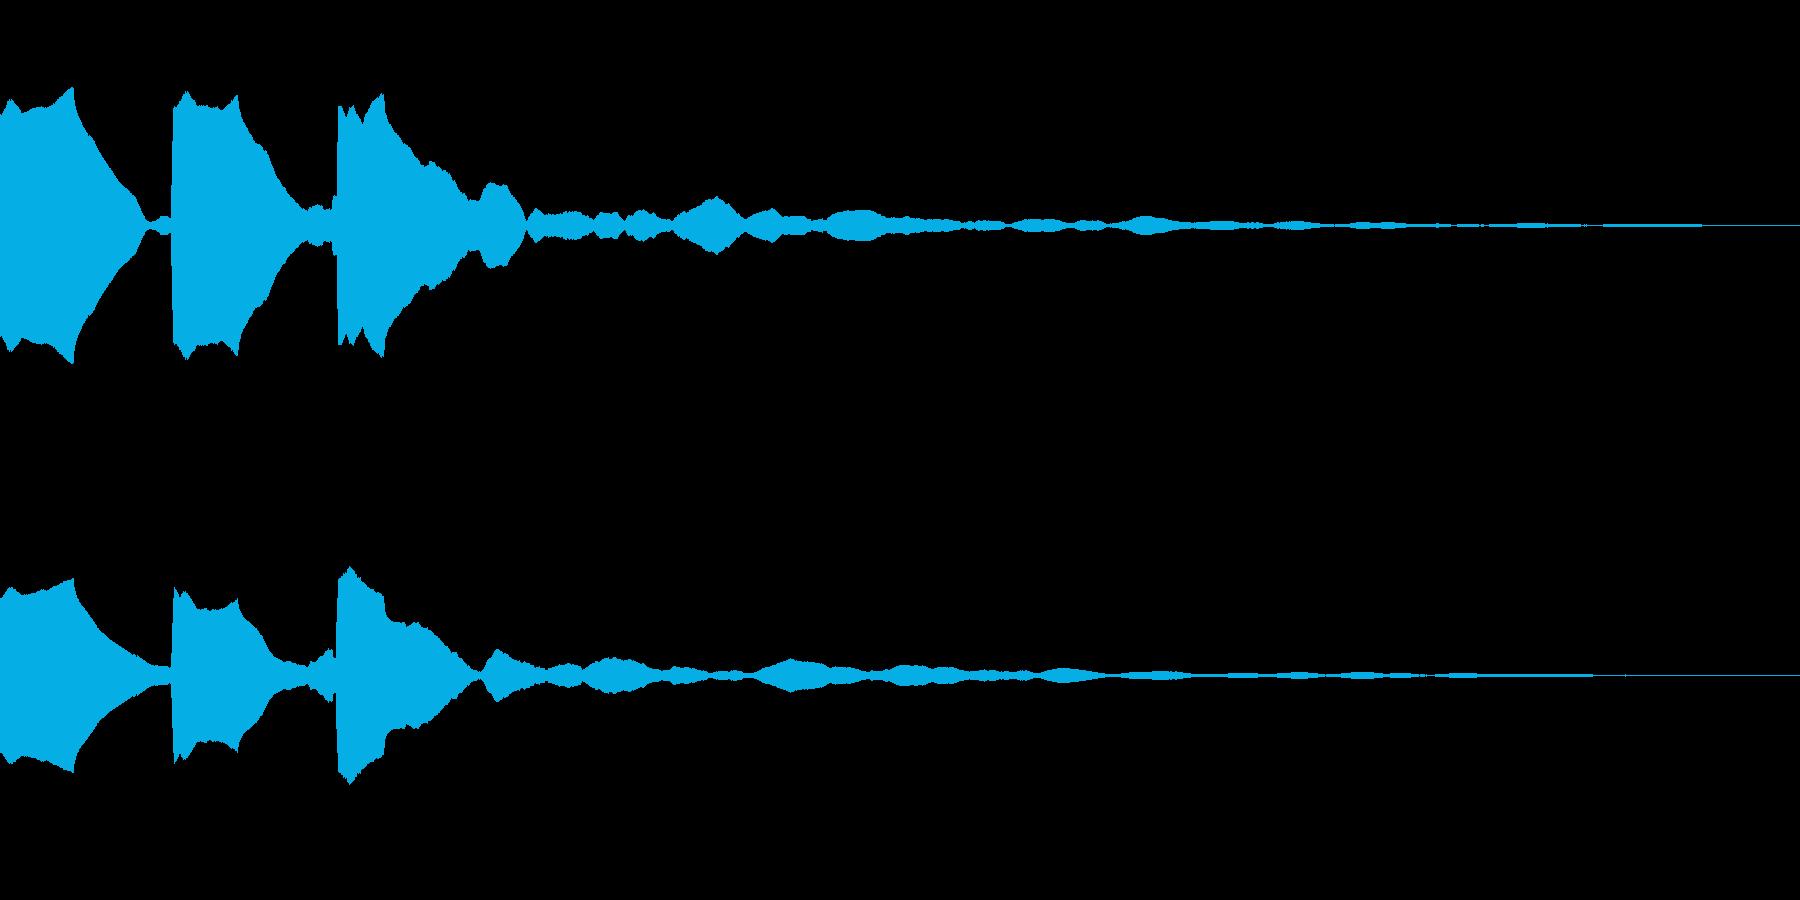 警告音(ピンピンピン)の再生済みの波形